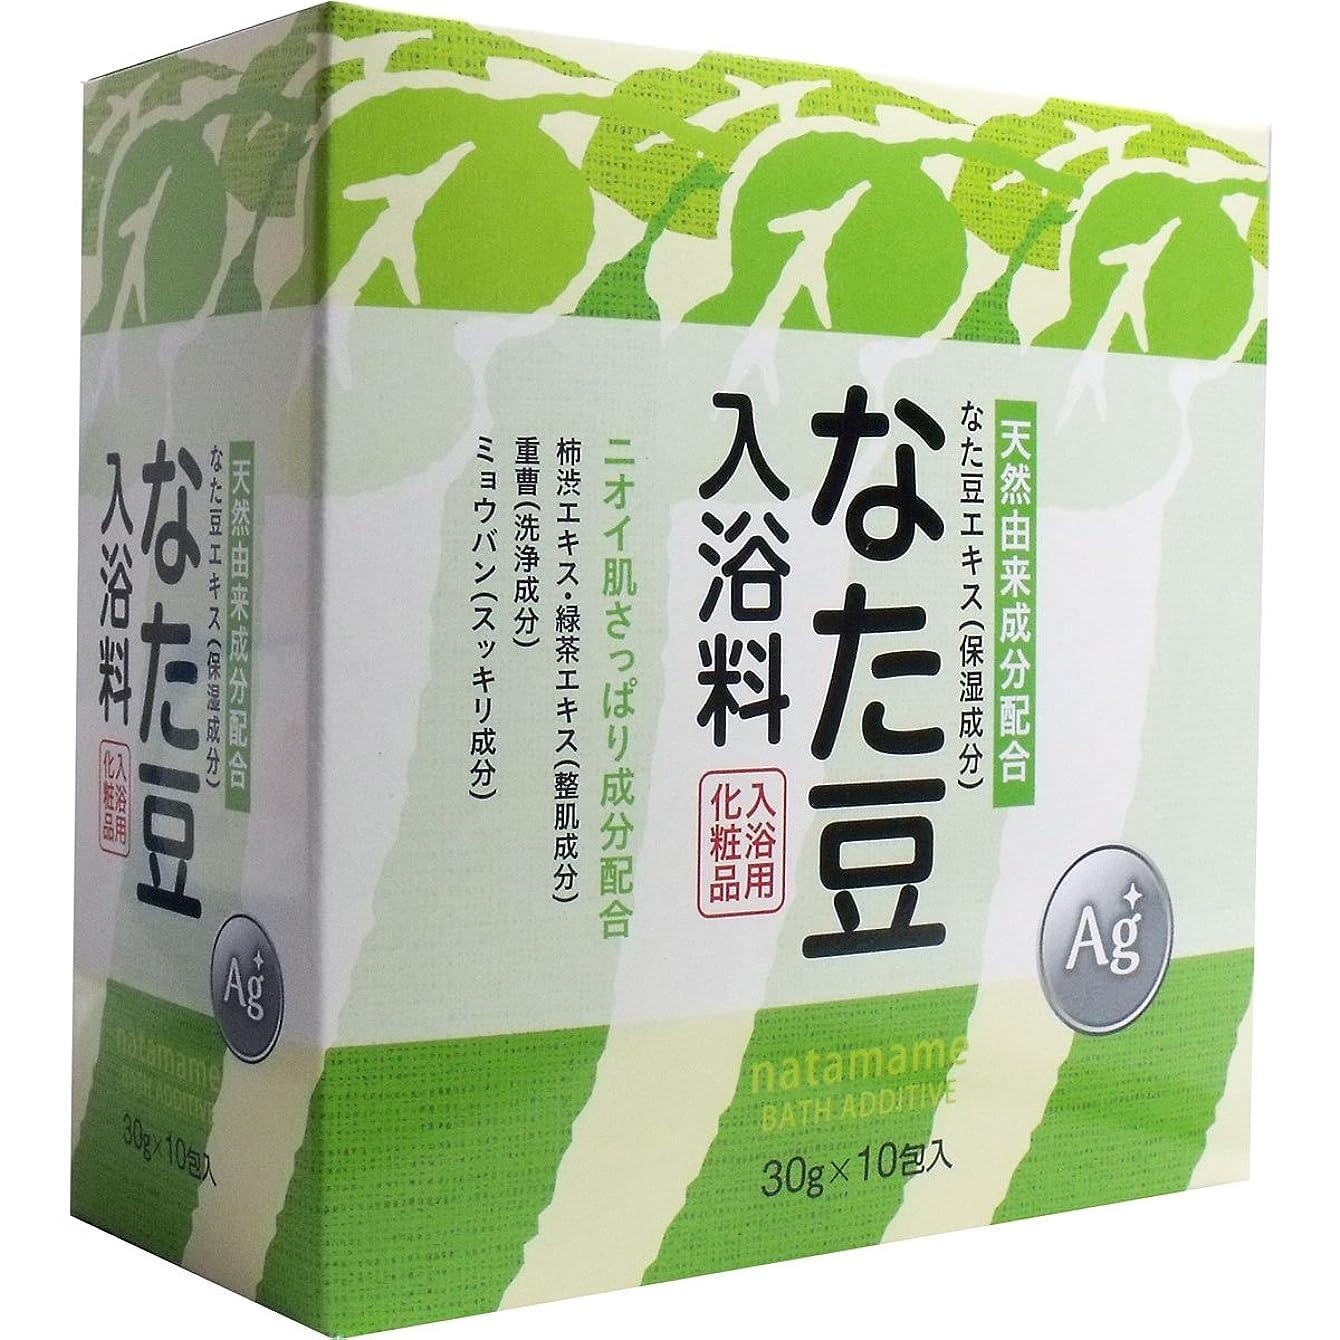 ピュー保存軽量天然由来成分配合 なた豆入浴料 入浴用化粧品 30g×10包入